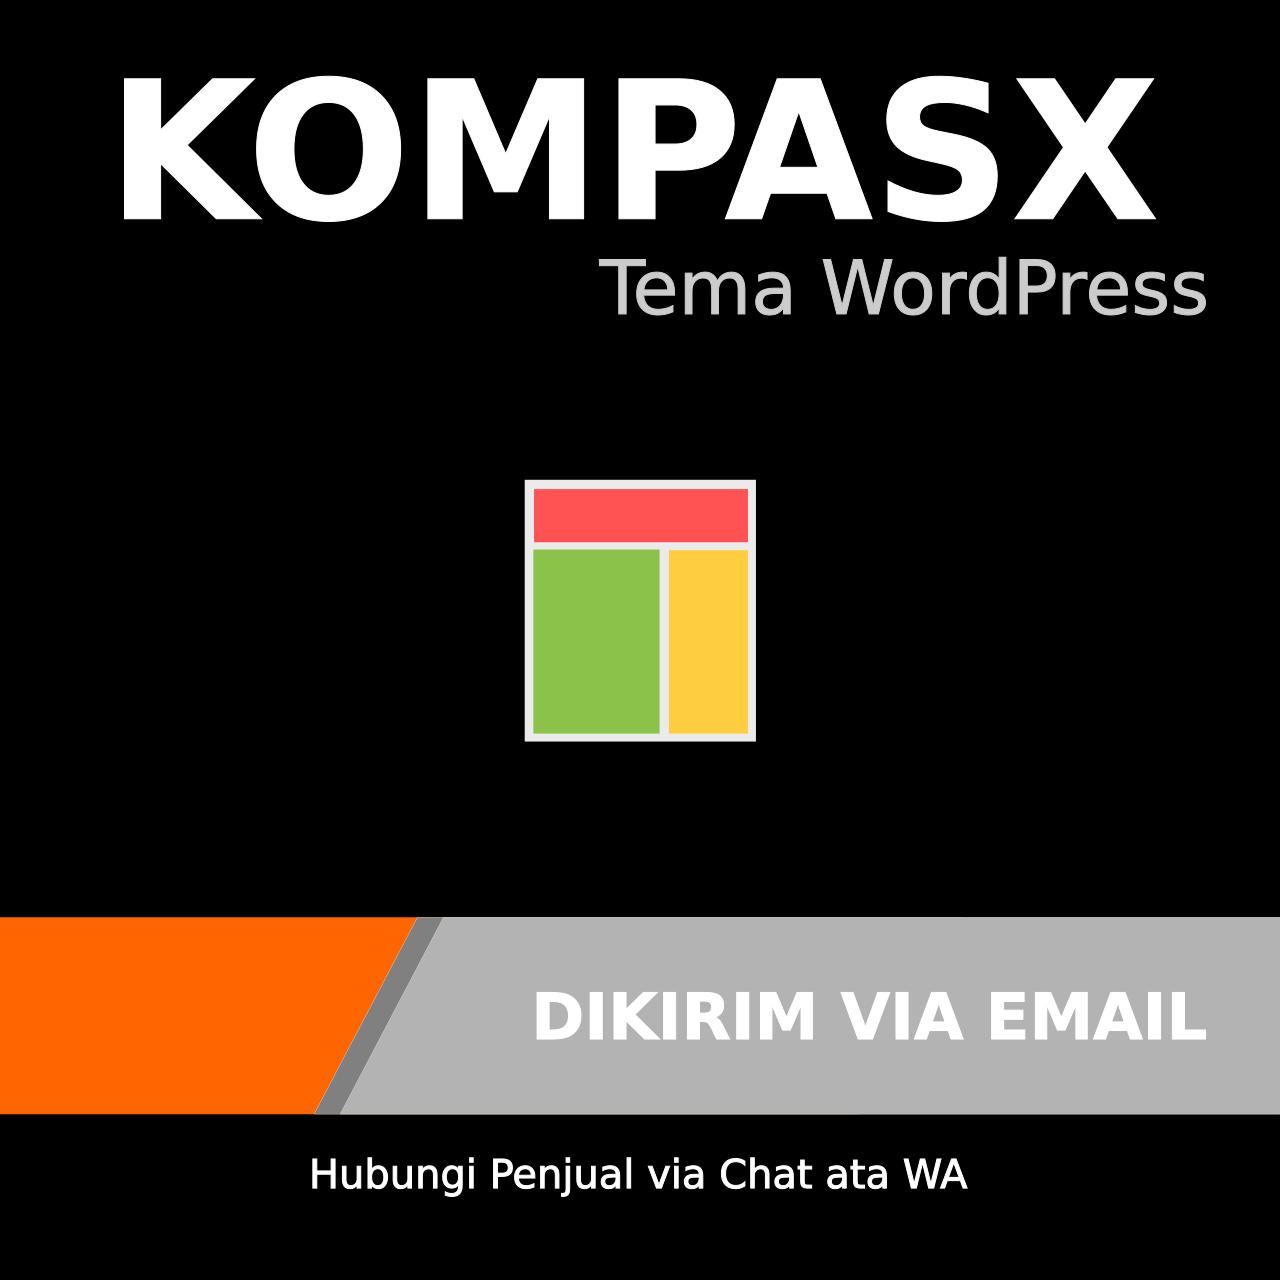 KompasX – Tema WordPress Untuk Website Berita